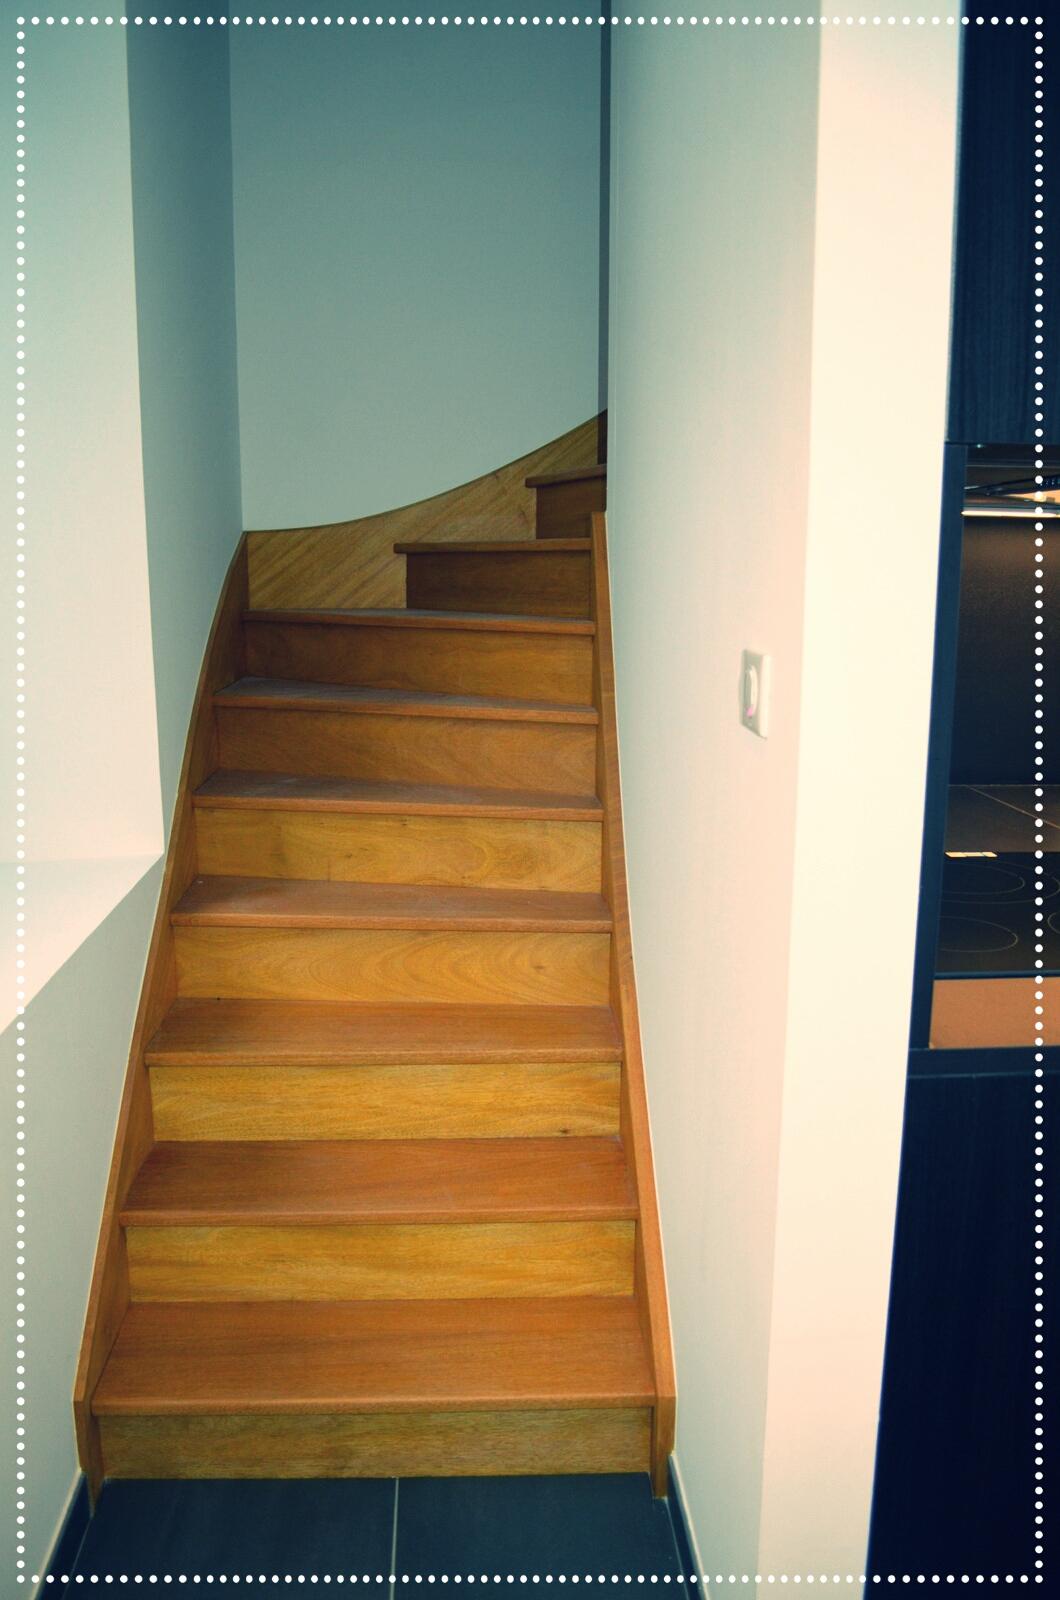 Escalier bois exotique.